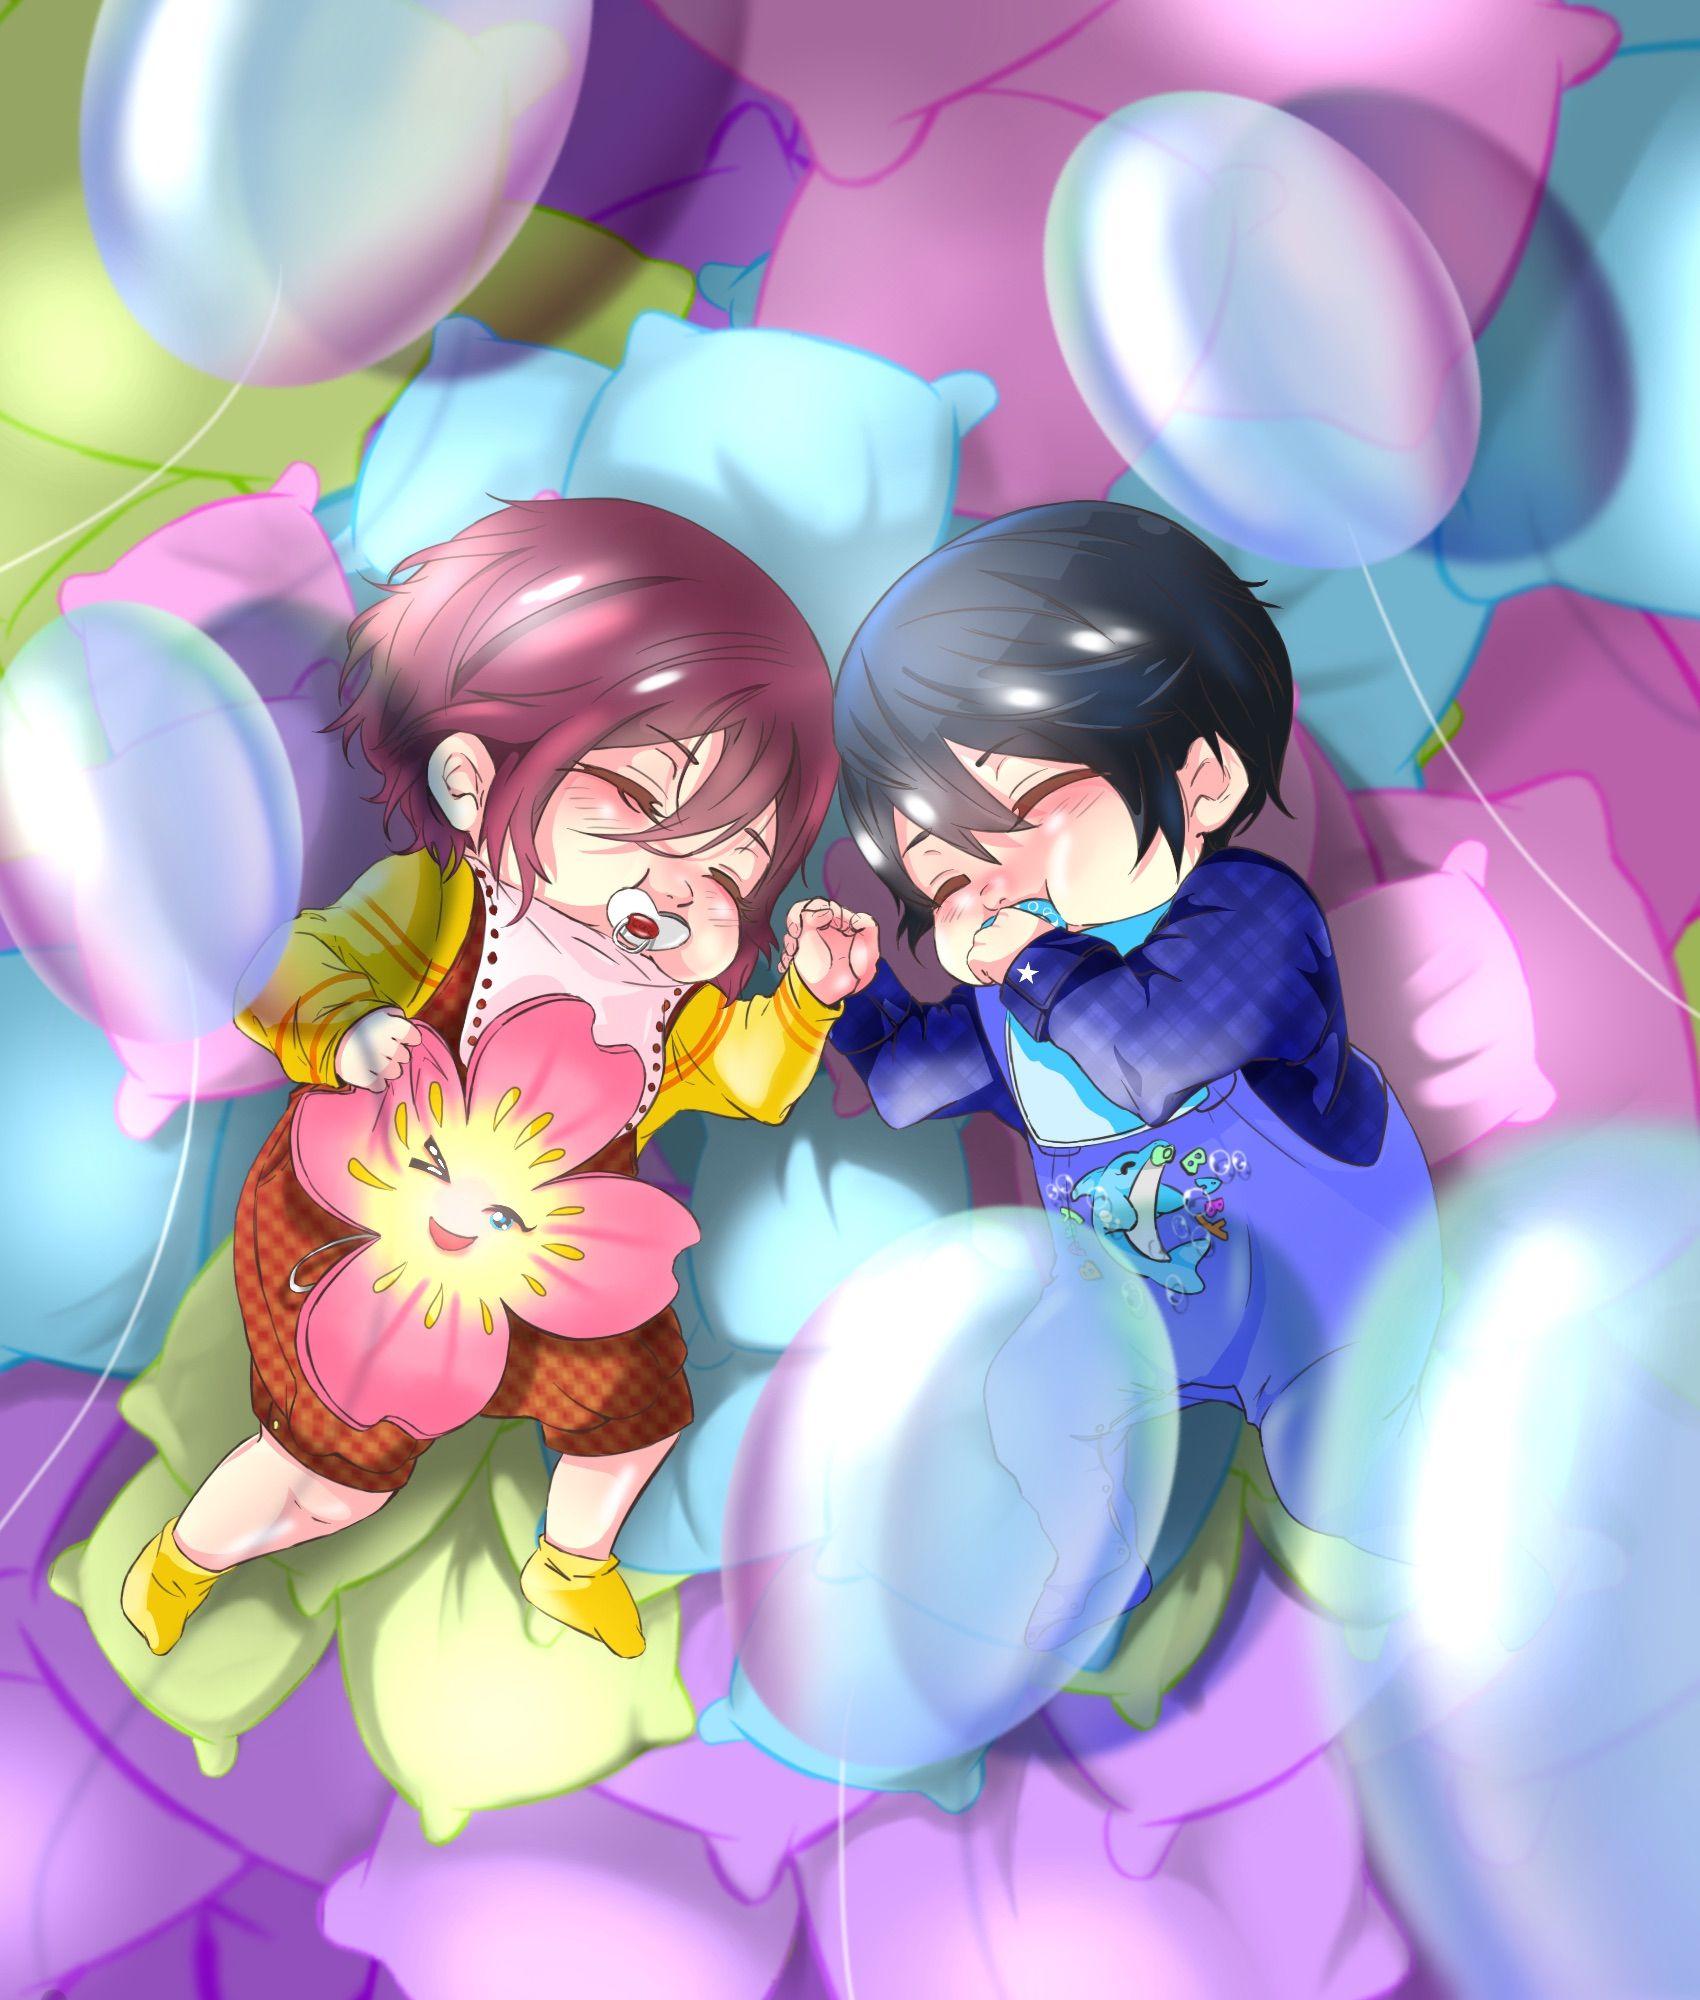 Sweet dream by HaNo0onat ...  Free! - Iwatobi Swim Club, haruka nanase, haru nanase, haru, nanase, haruka, rin matsuoka, rin, matsuoka, free!, iwatobi